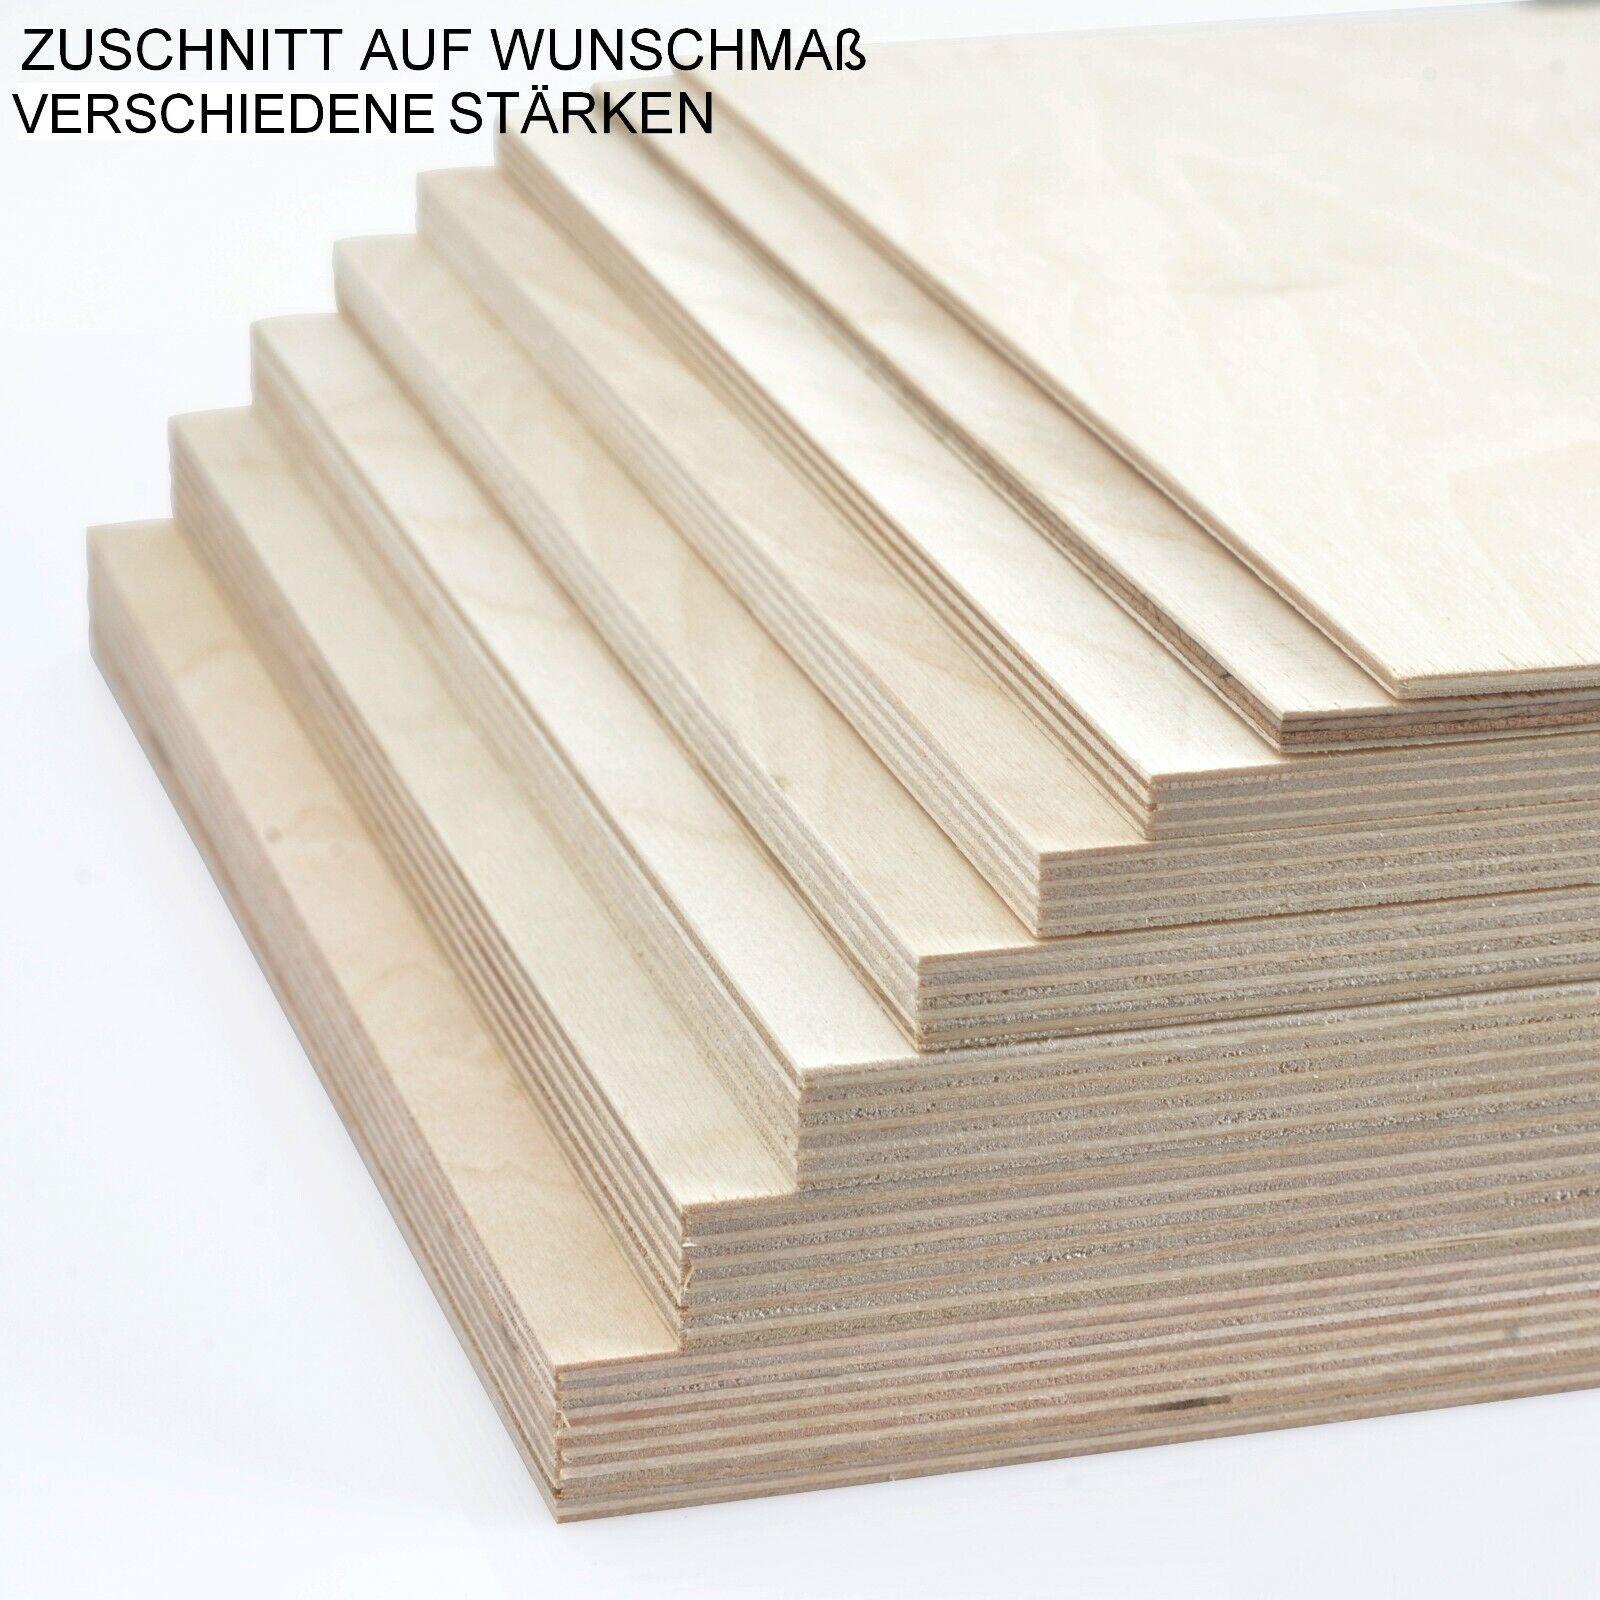 Siebdruckplatte 15mm Zuschnitt Multiplex Birke Holz Bodenplatte 180x140 cm